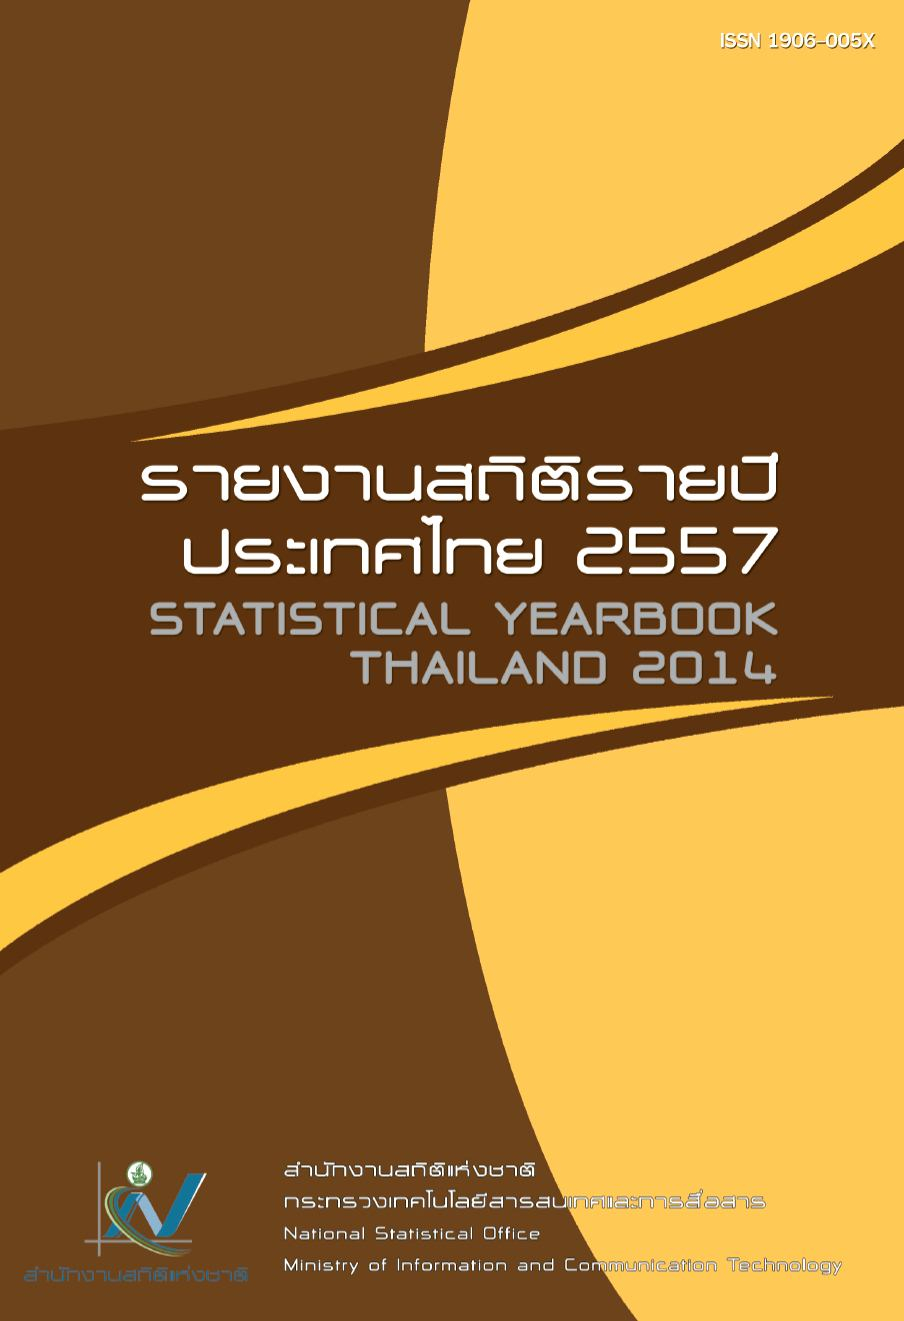 รายงานสถิติรายปี ประเทศไทย พ.ศ. 2557